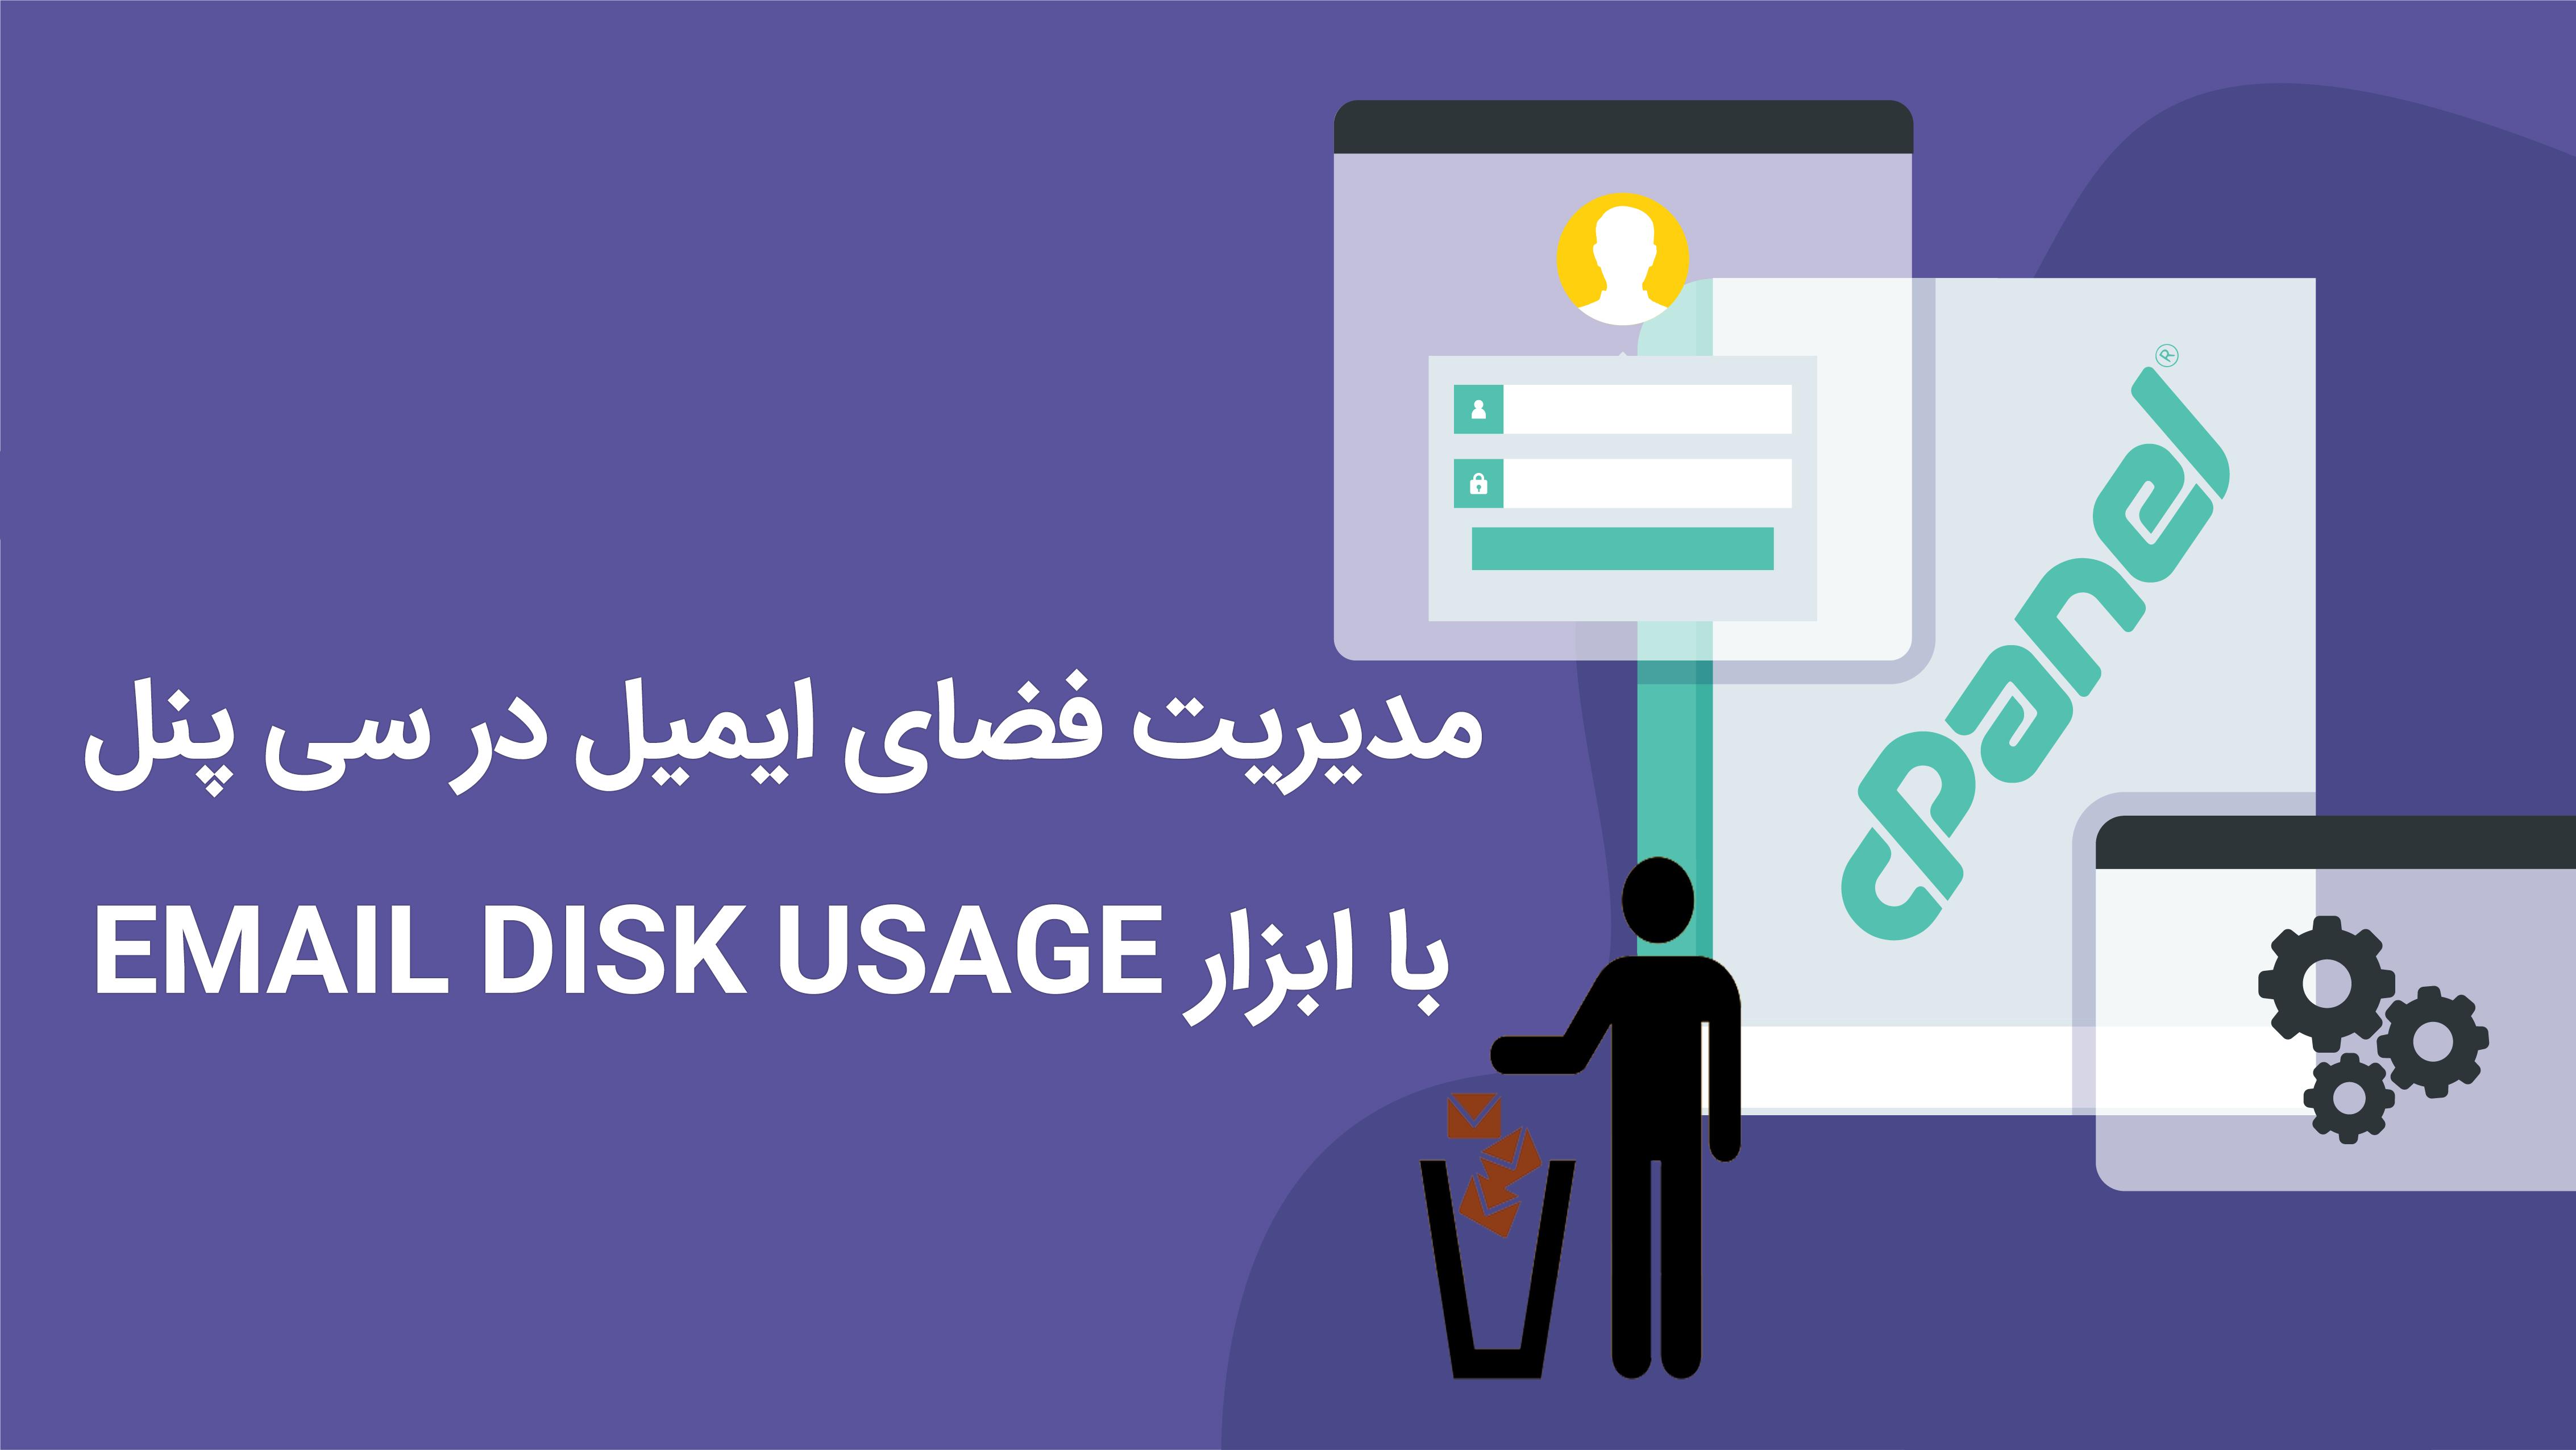 مدیریت فضای ایمیل در سی پنل با ابزار Email Disk Usage